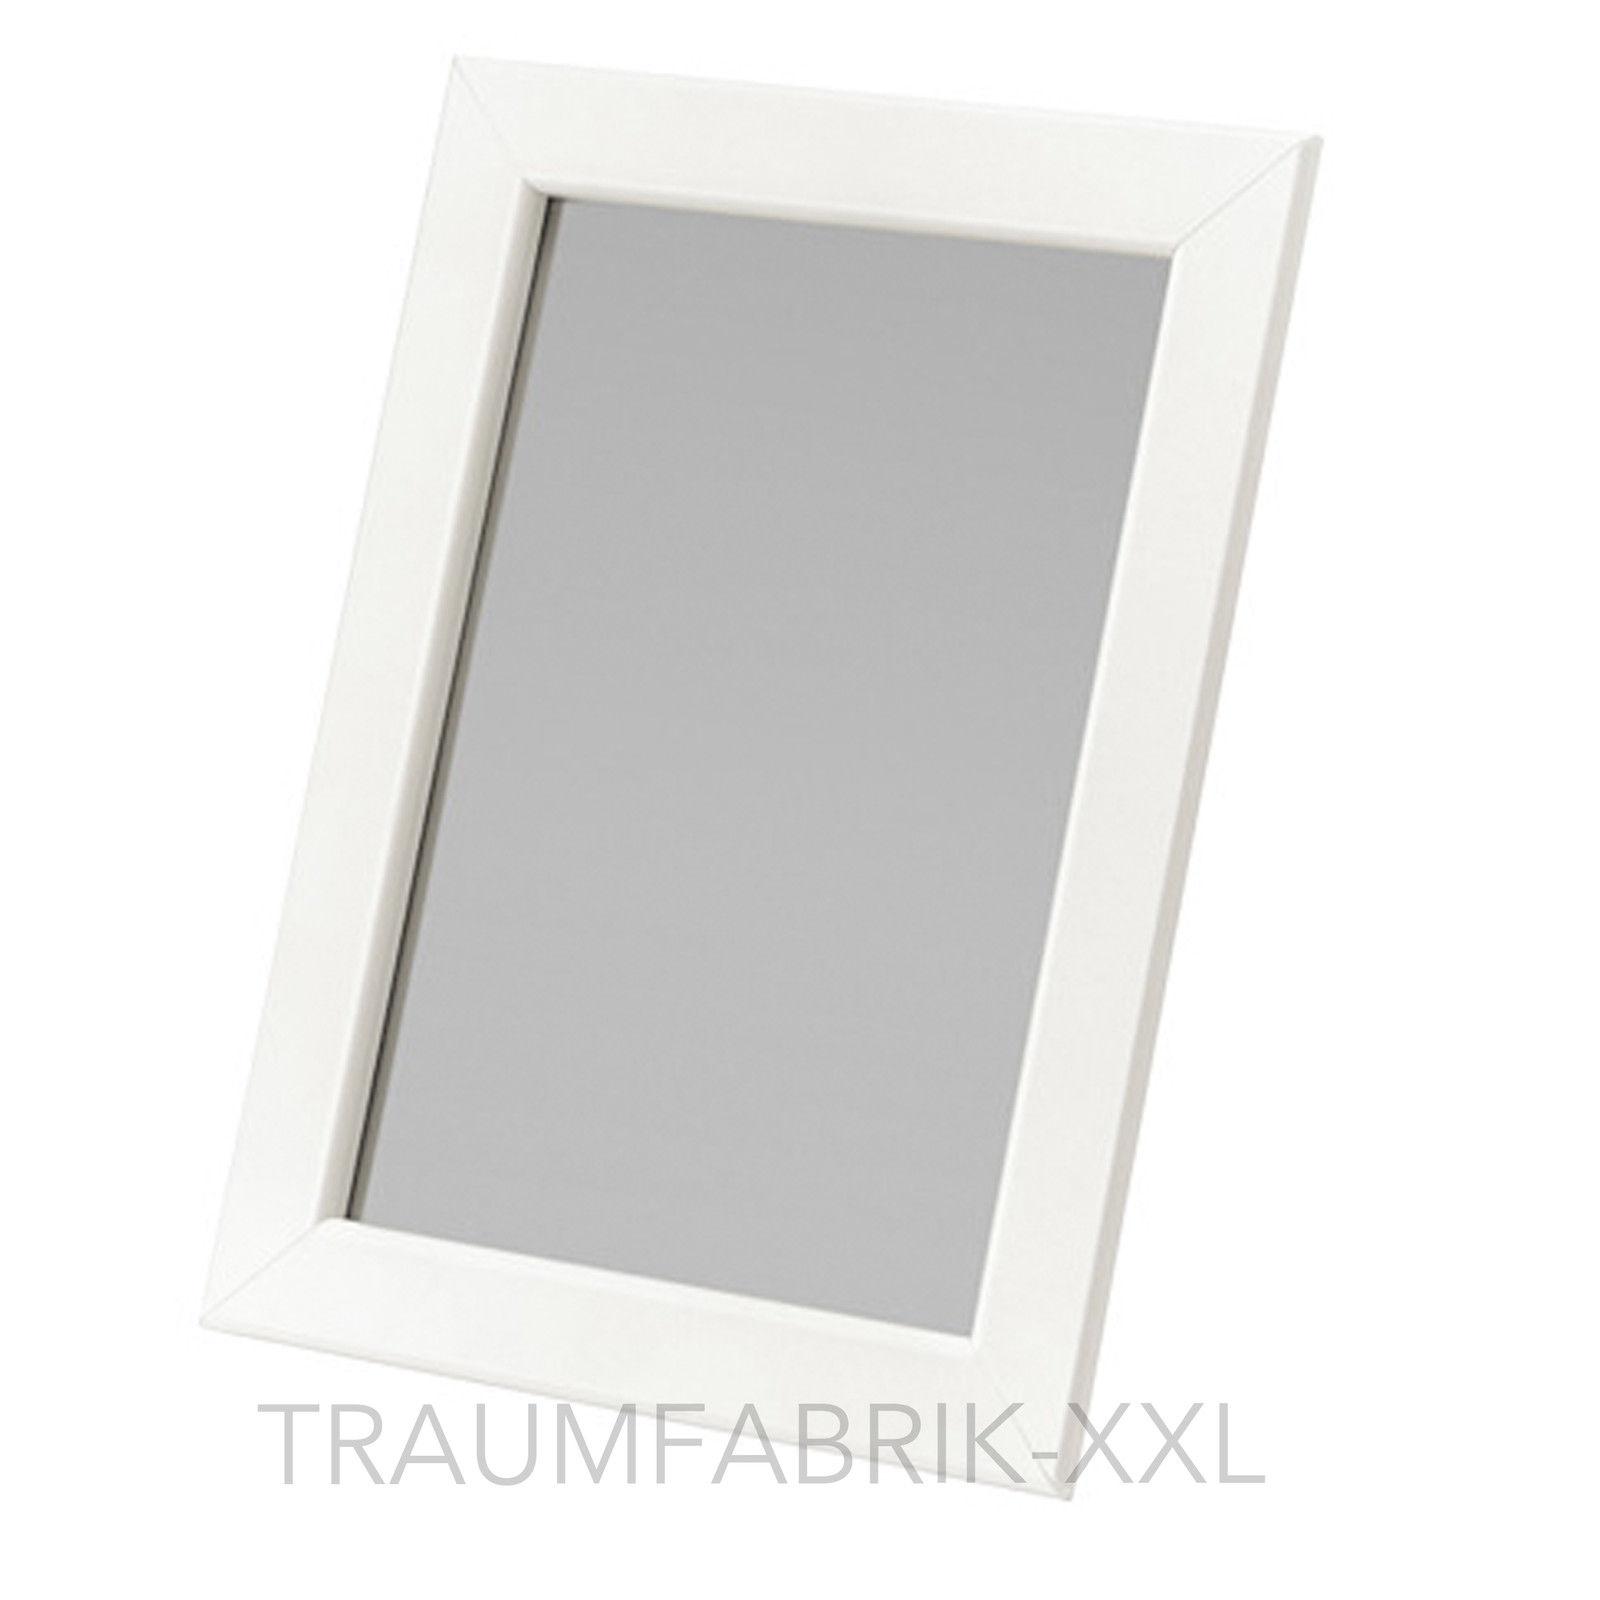 10 x IKEA FISKBO Bilderrahmen 13x18cm weiss Fotorahmen Photorahmen ...